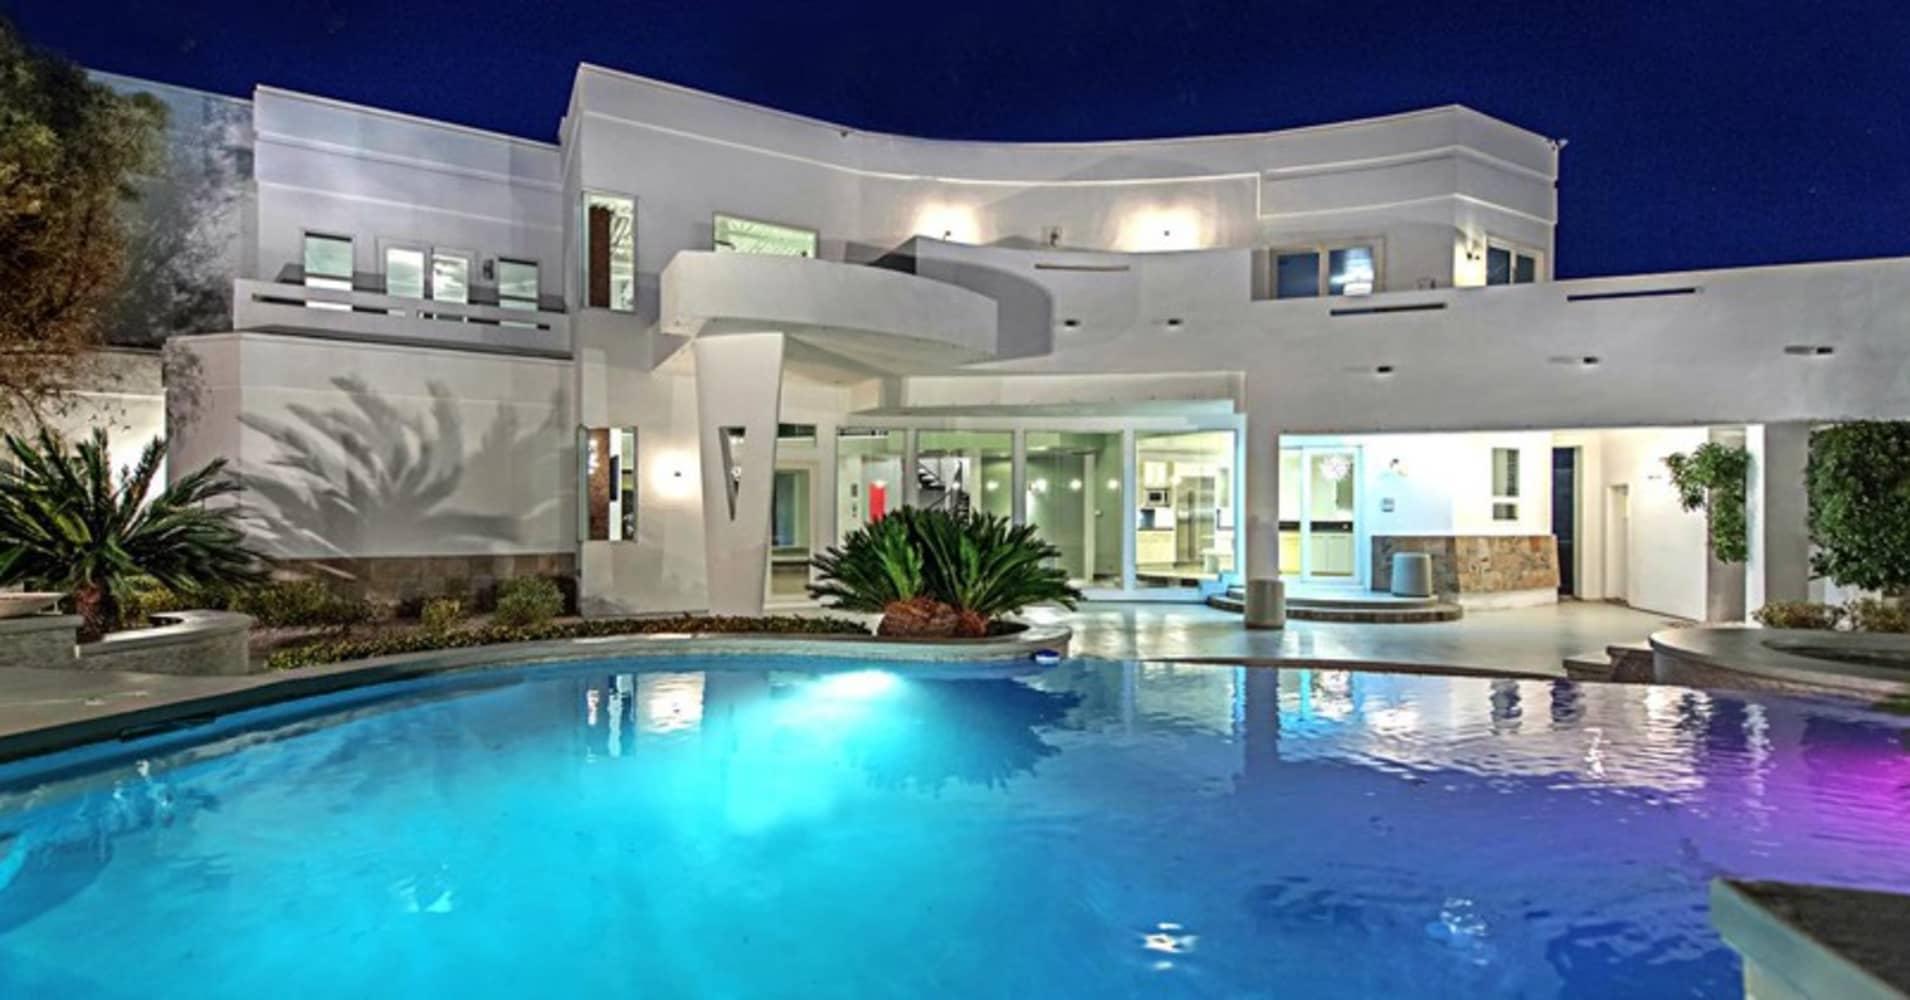 Mike tyson 39 s las vegas mansion on sale for 1 5 million for 7 a la maison episodes